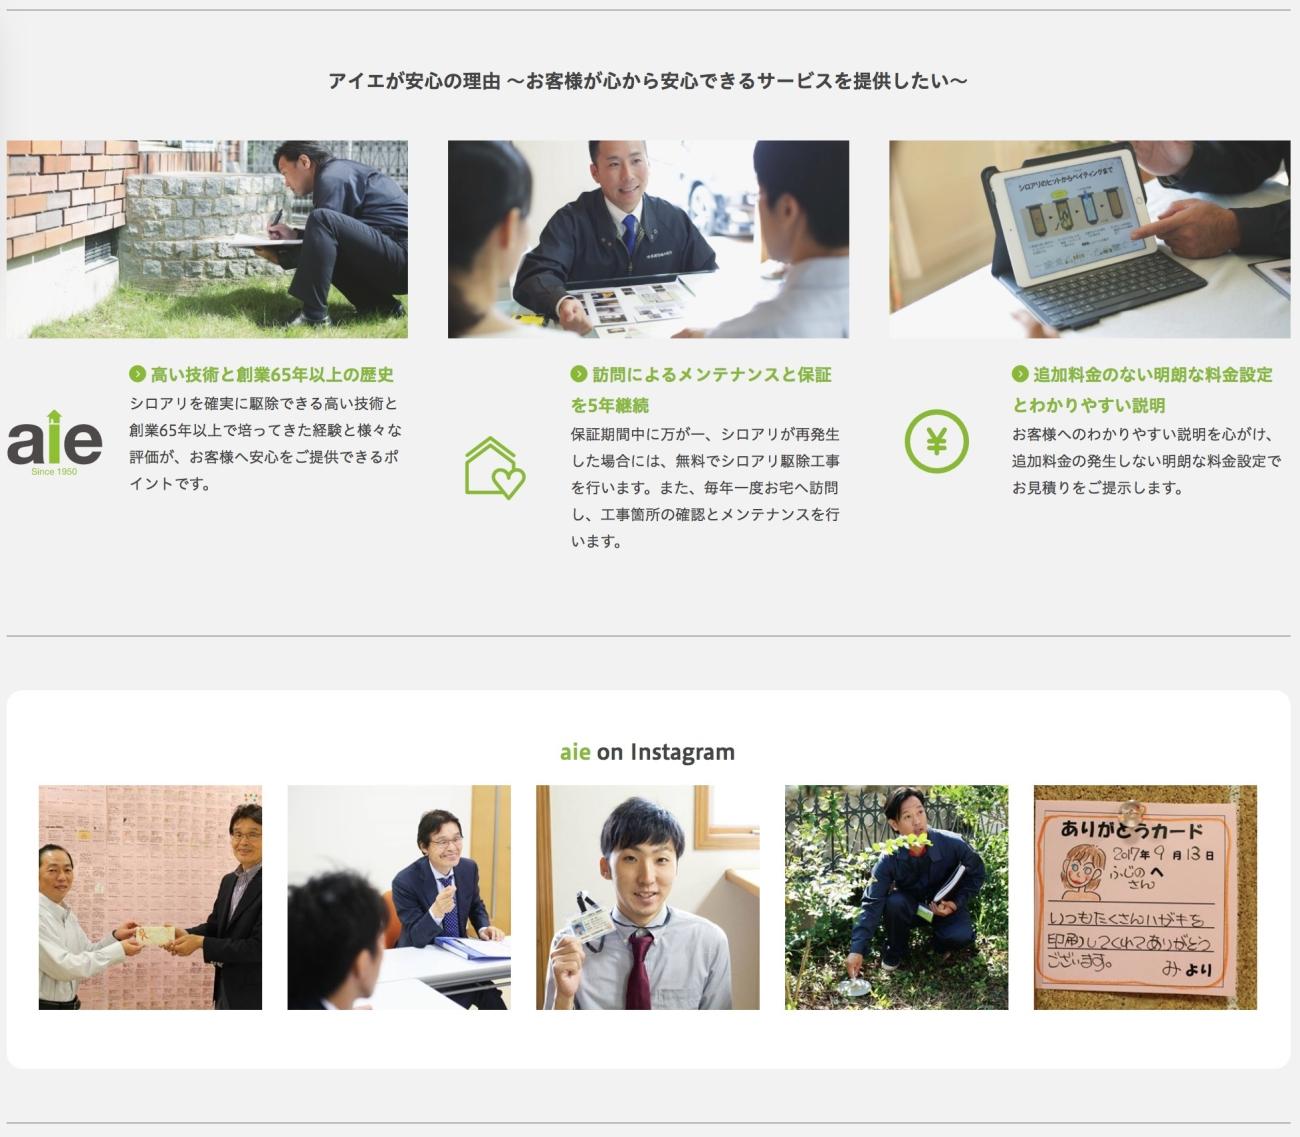 アイエ株式会社のホームページ